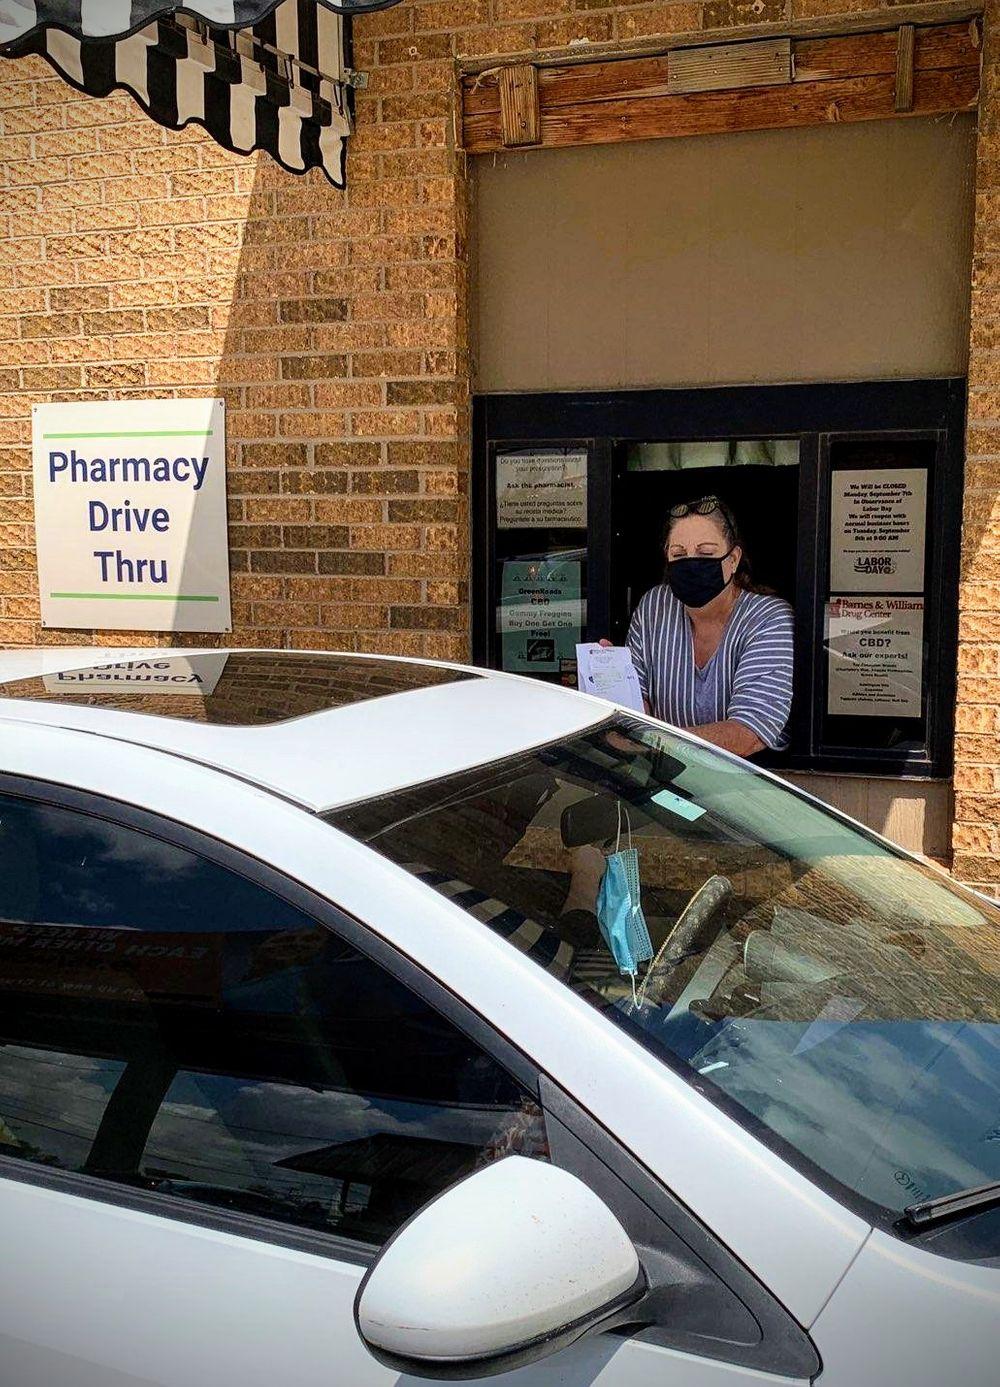 drive thru window.jpg